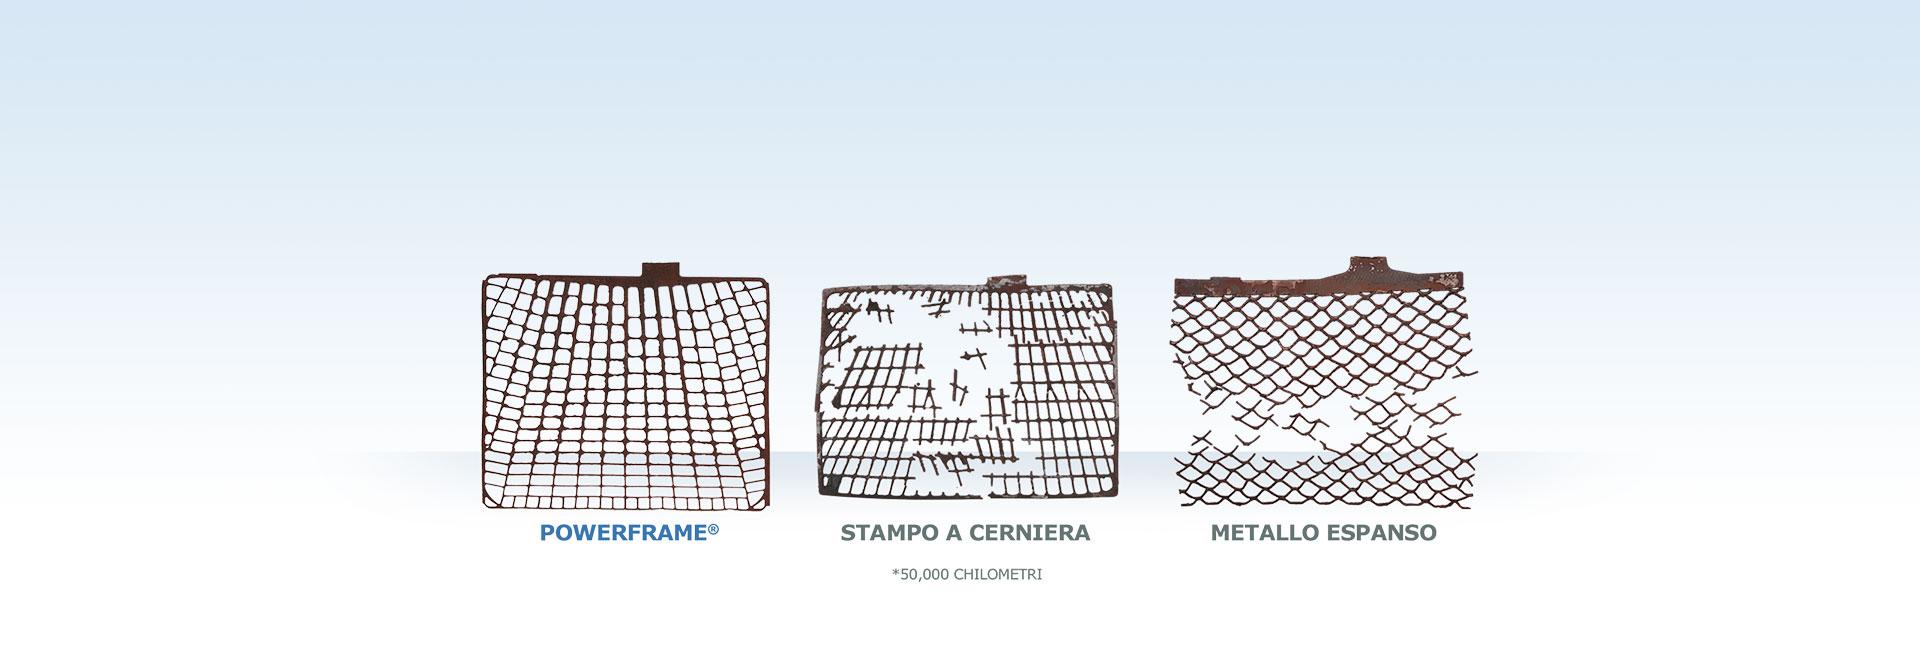 Confronta la performance della tecnologia della griglia PowerFrame con altri tipi di griglia nel tempo